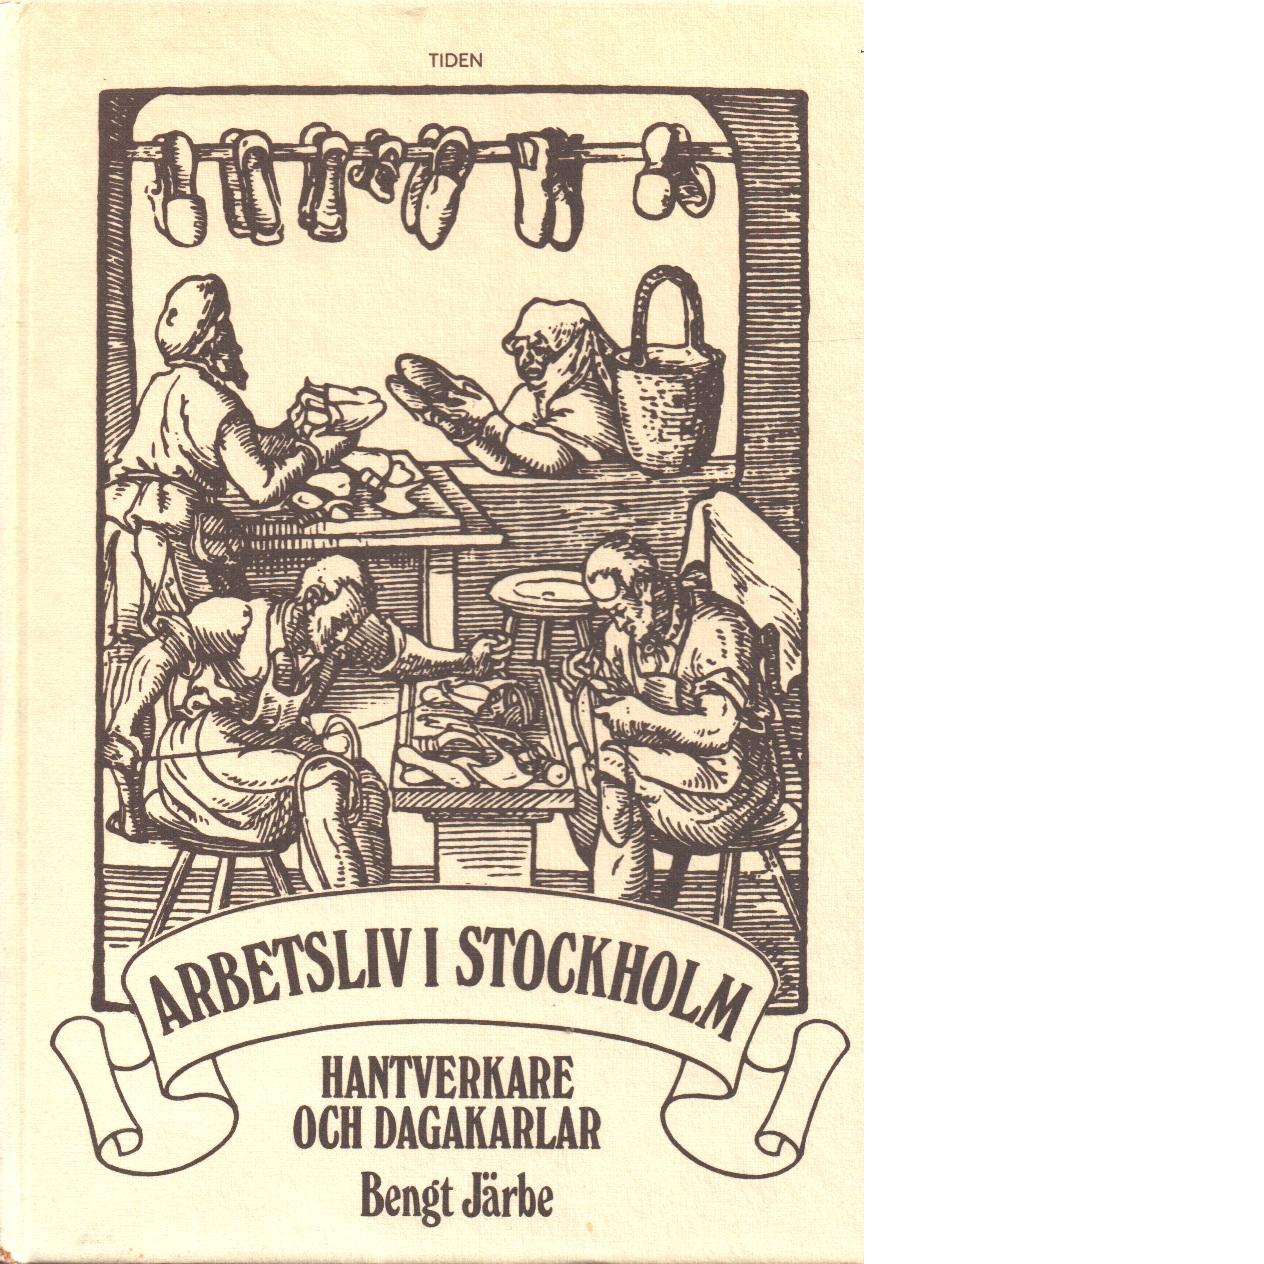 Arbetsliv i Stockholm. [1], Hantverkare och dagakarlar - Järbe, Bengt